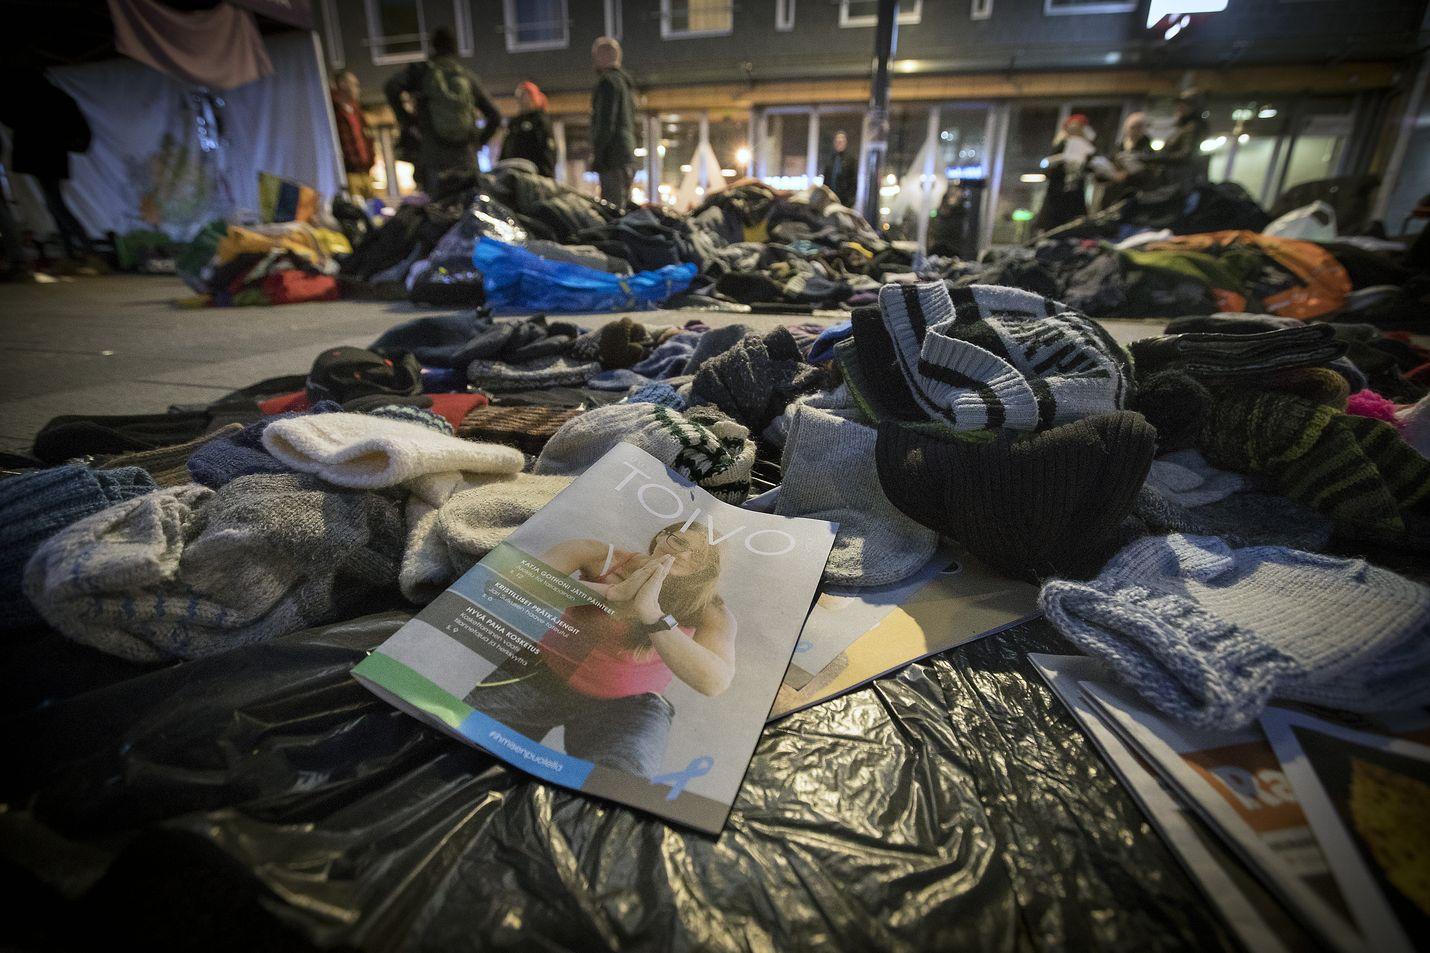 Lauantaina vietetään Asunnottomien yötä. Tapahtuma muistuttaa siitä, että Suomessakin elää tuhansia ihmisiä ja satoja perheitä ilman vakituista asuntoa.